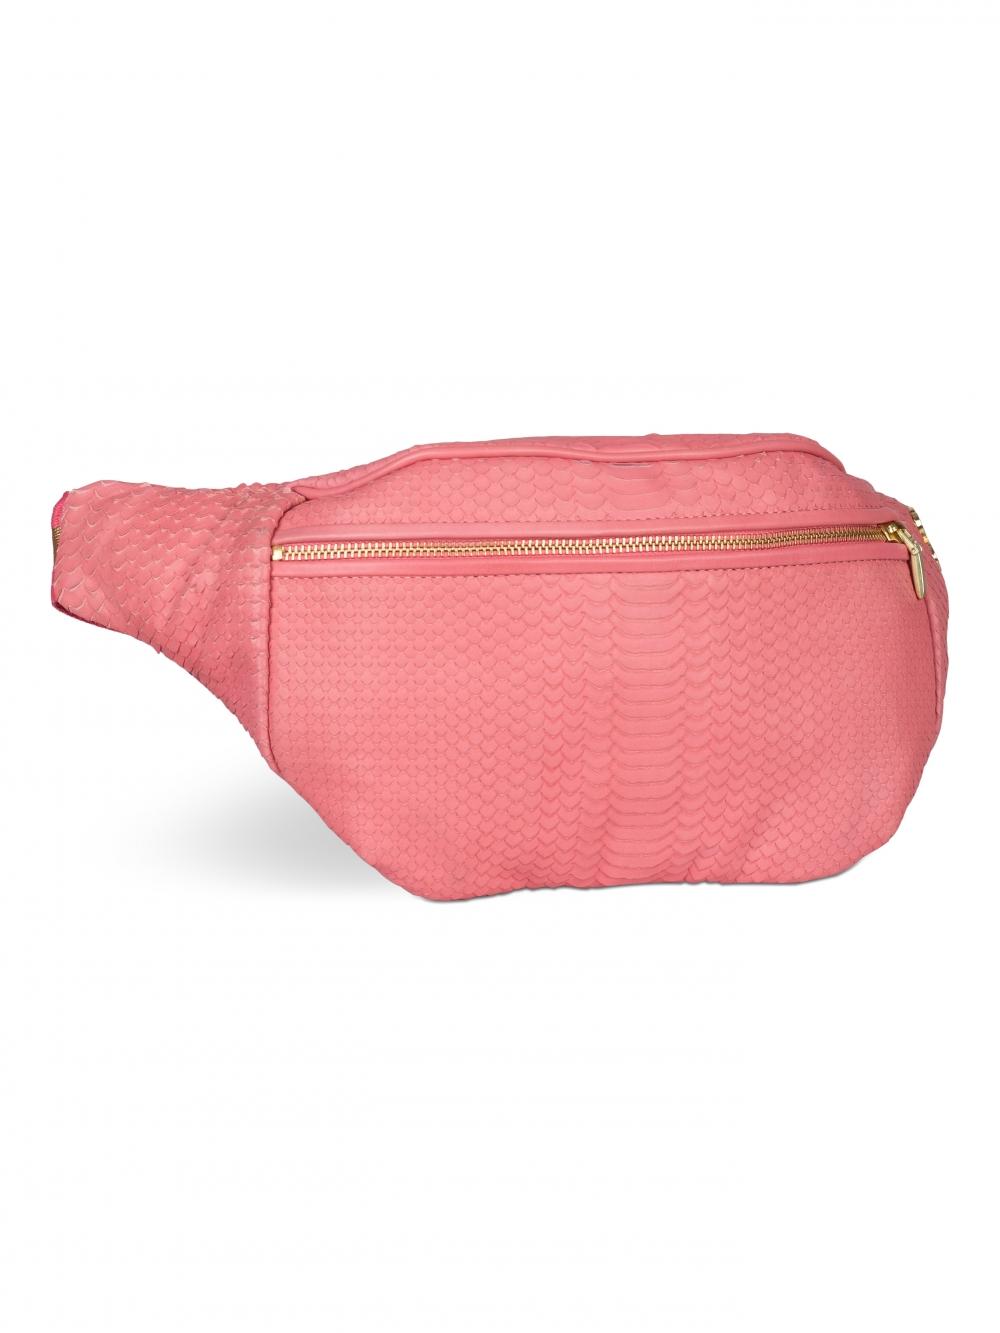 Rosa Gympapåse | Köp väskor med eget tryck! | Netshirt.se